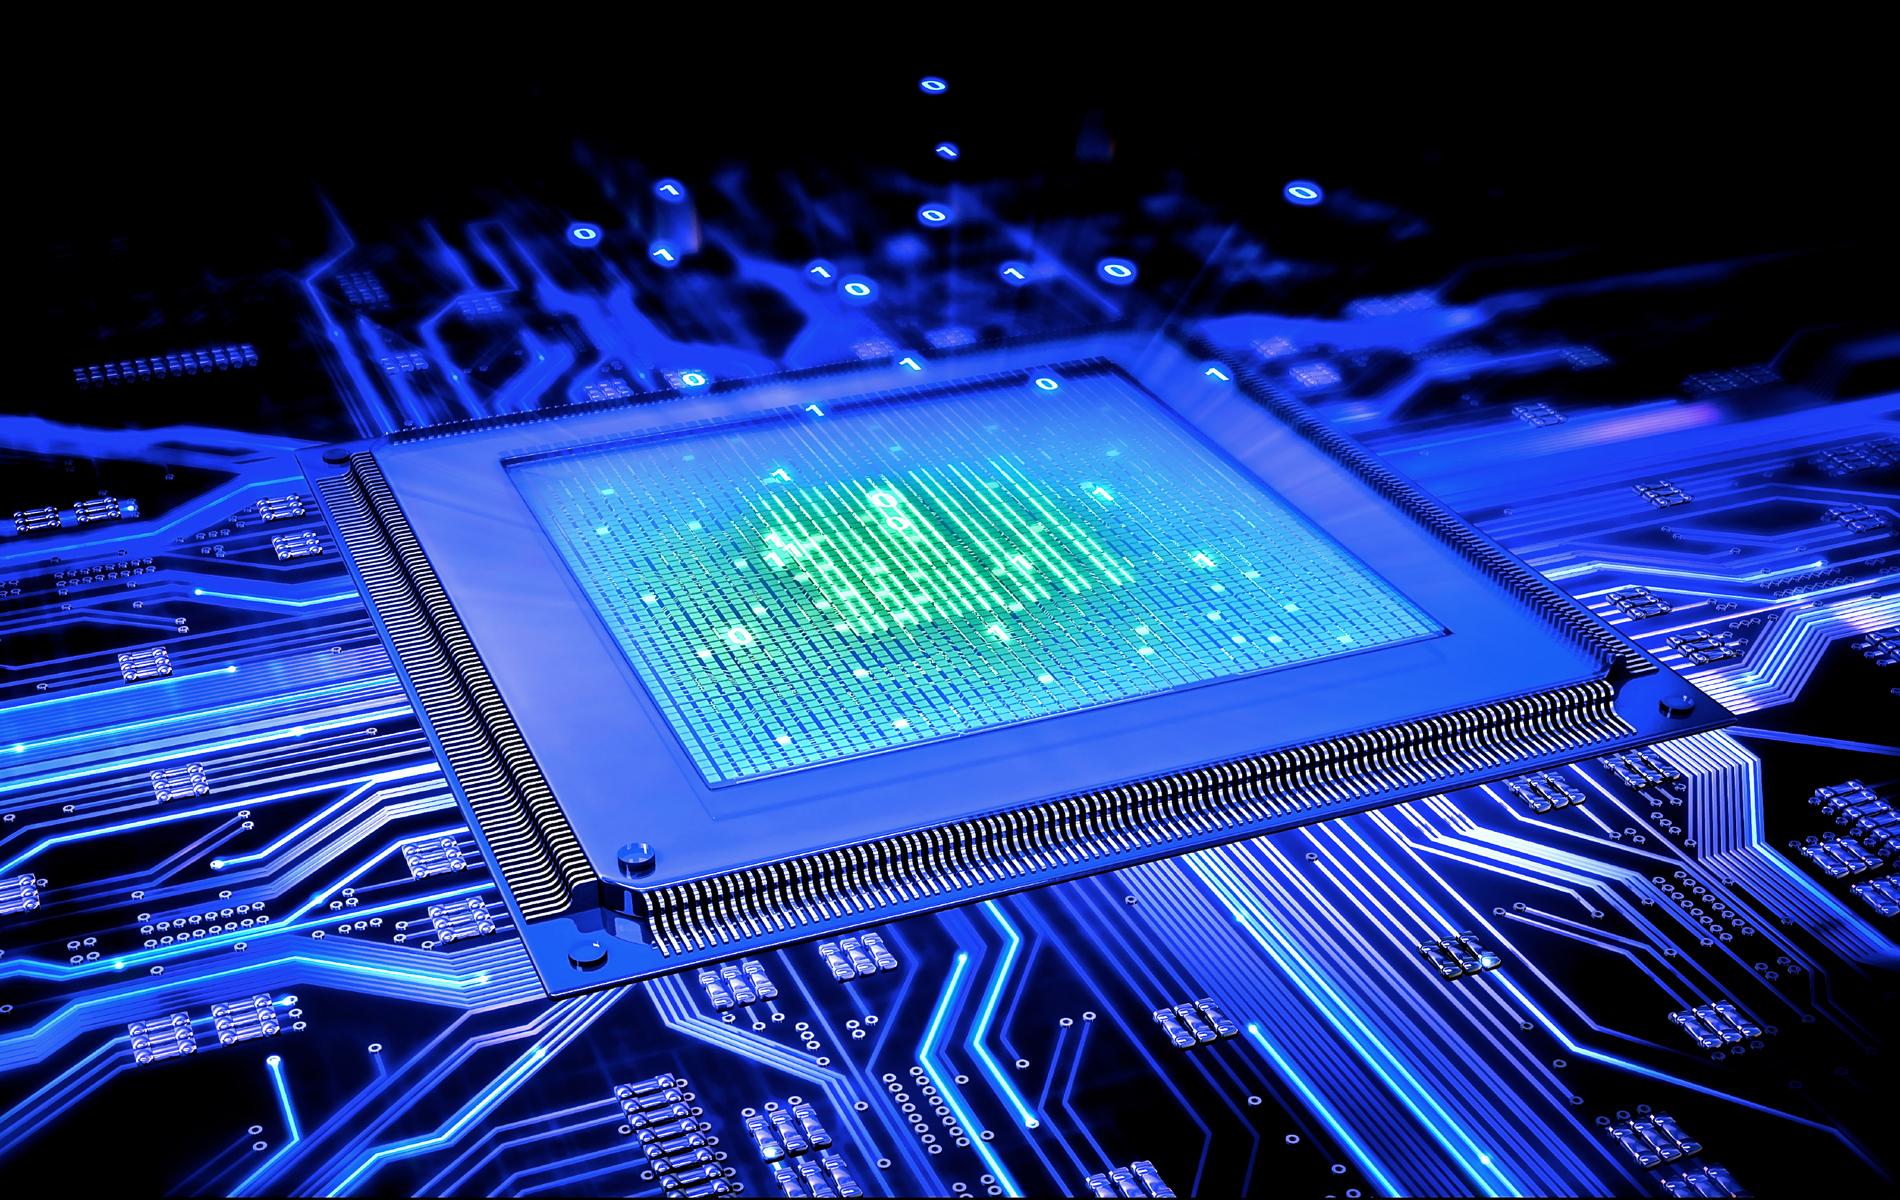 La Loi de Moore : Une modélisation toujours fidèle des évolutions technologiques ?